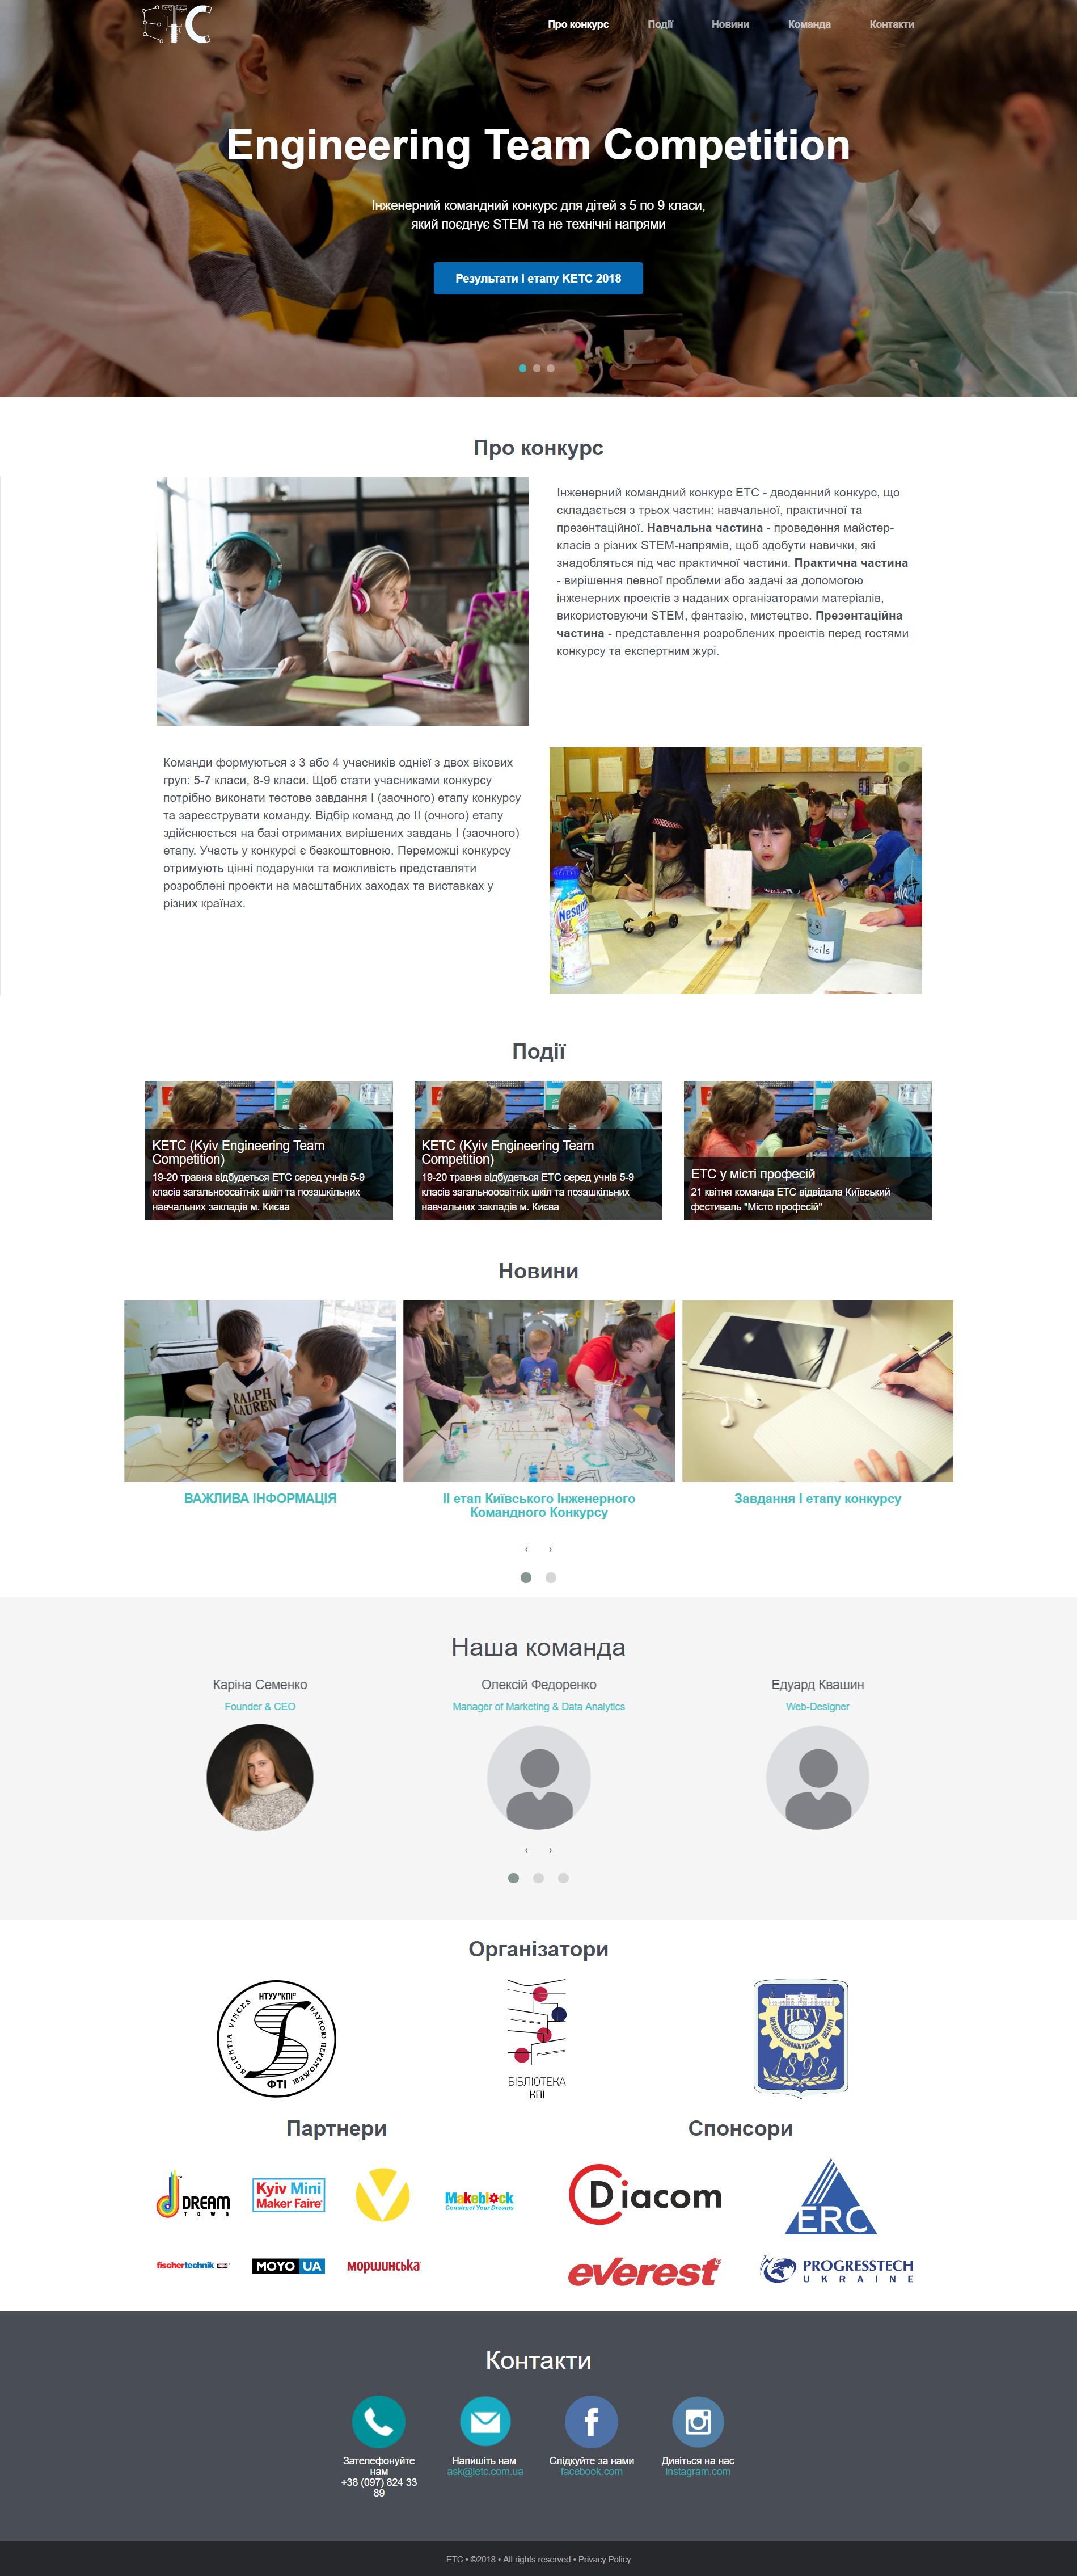 Фото Engineering Team Competition Kyiv  Задание: Разработать страницу  для корпоративного мероприятия в Киеве. Исполнение: предоставлено 2 макета, по итогам которого был выбран один избранный, доработка деталей в макете и переход к верстке. Затрачено времени: 14 дней на разработку дизайна и верстку сайта.